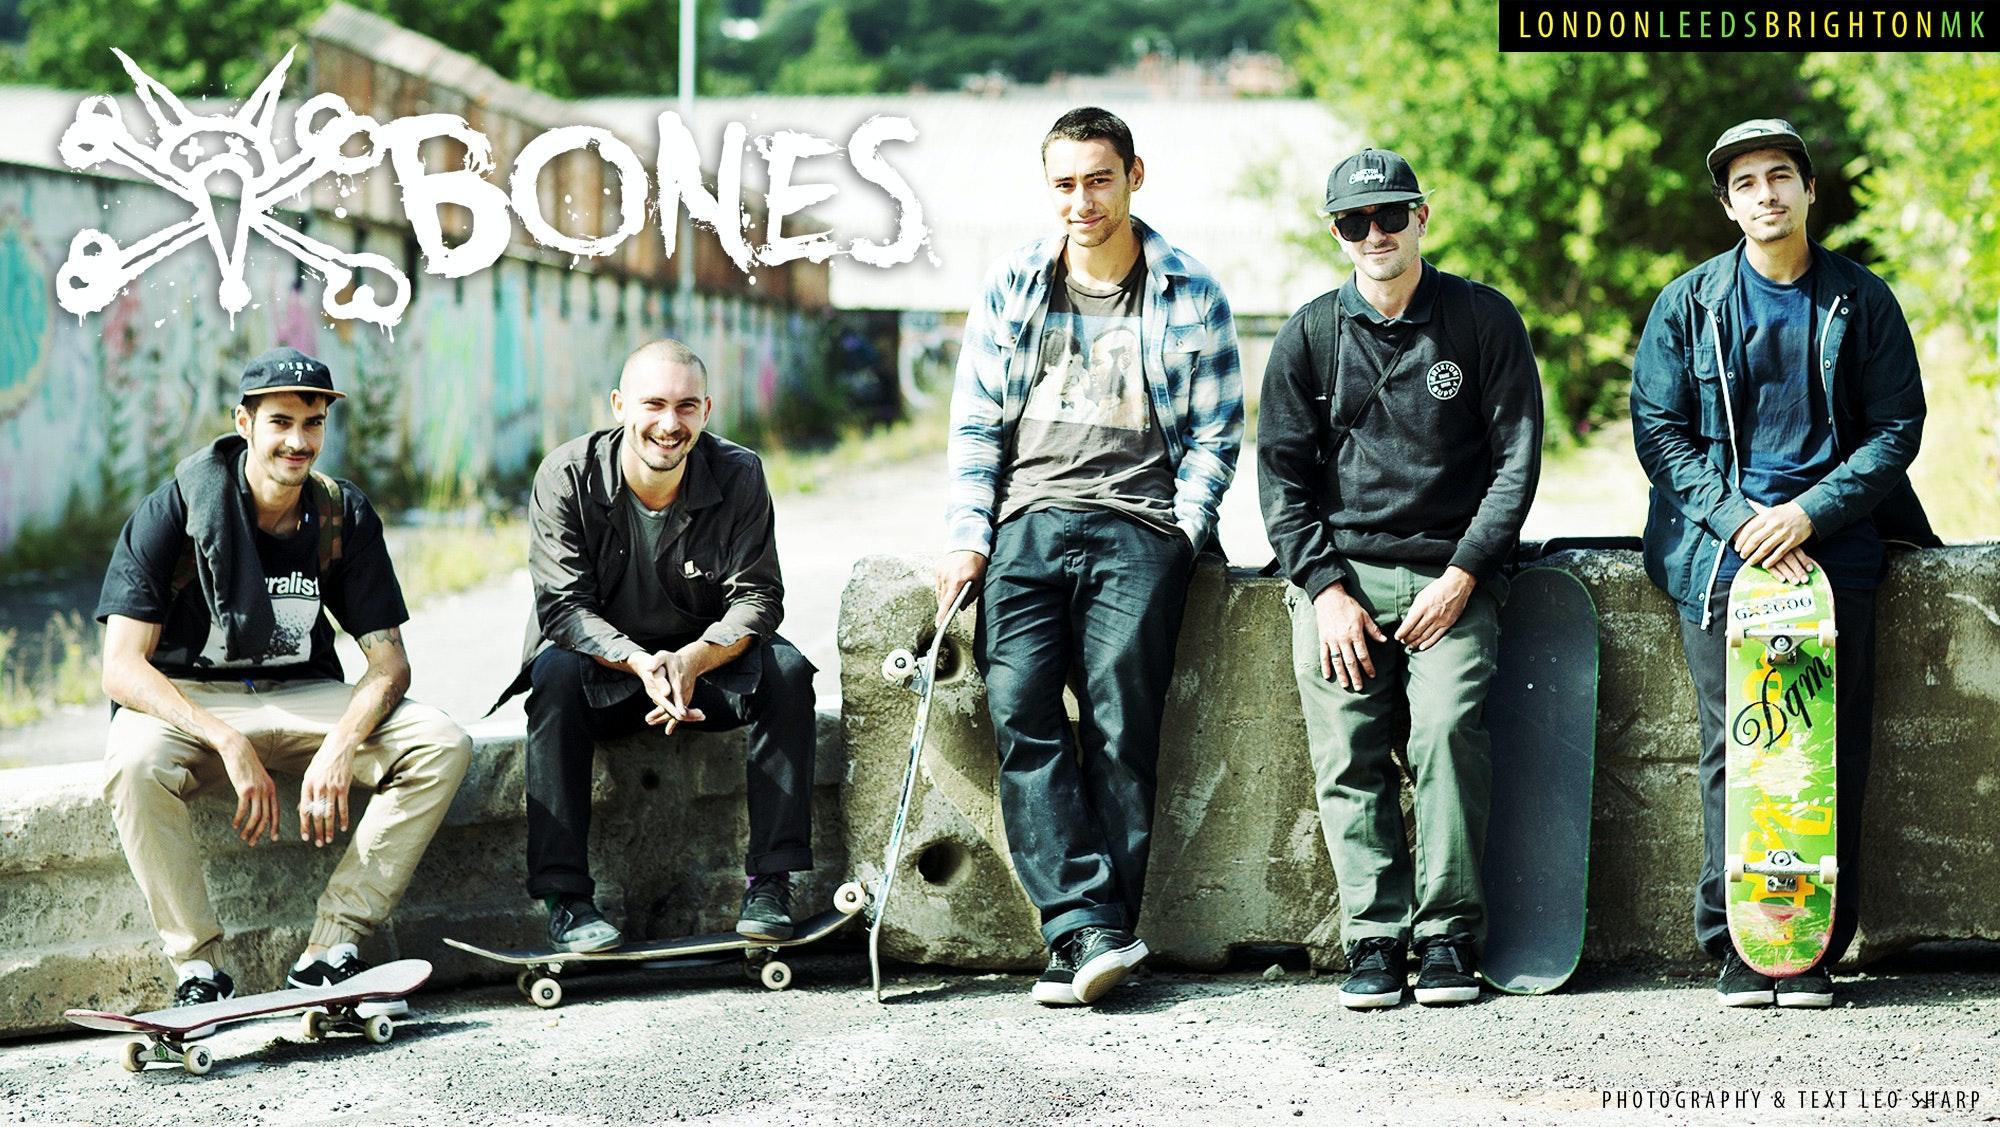 Bones UK tour